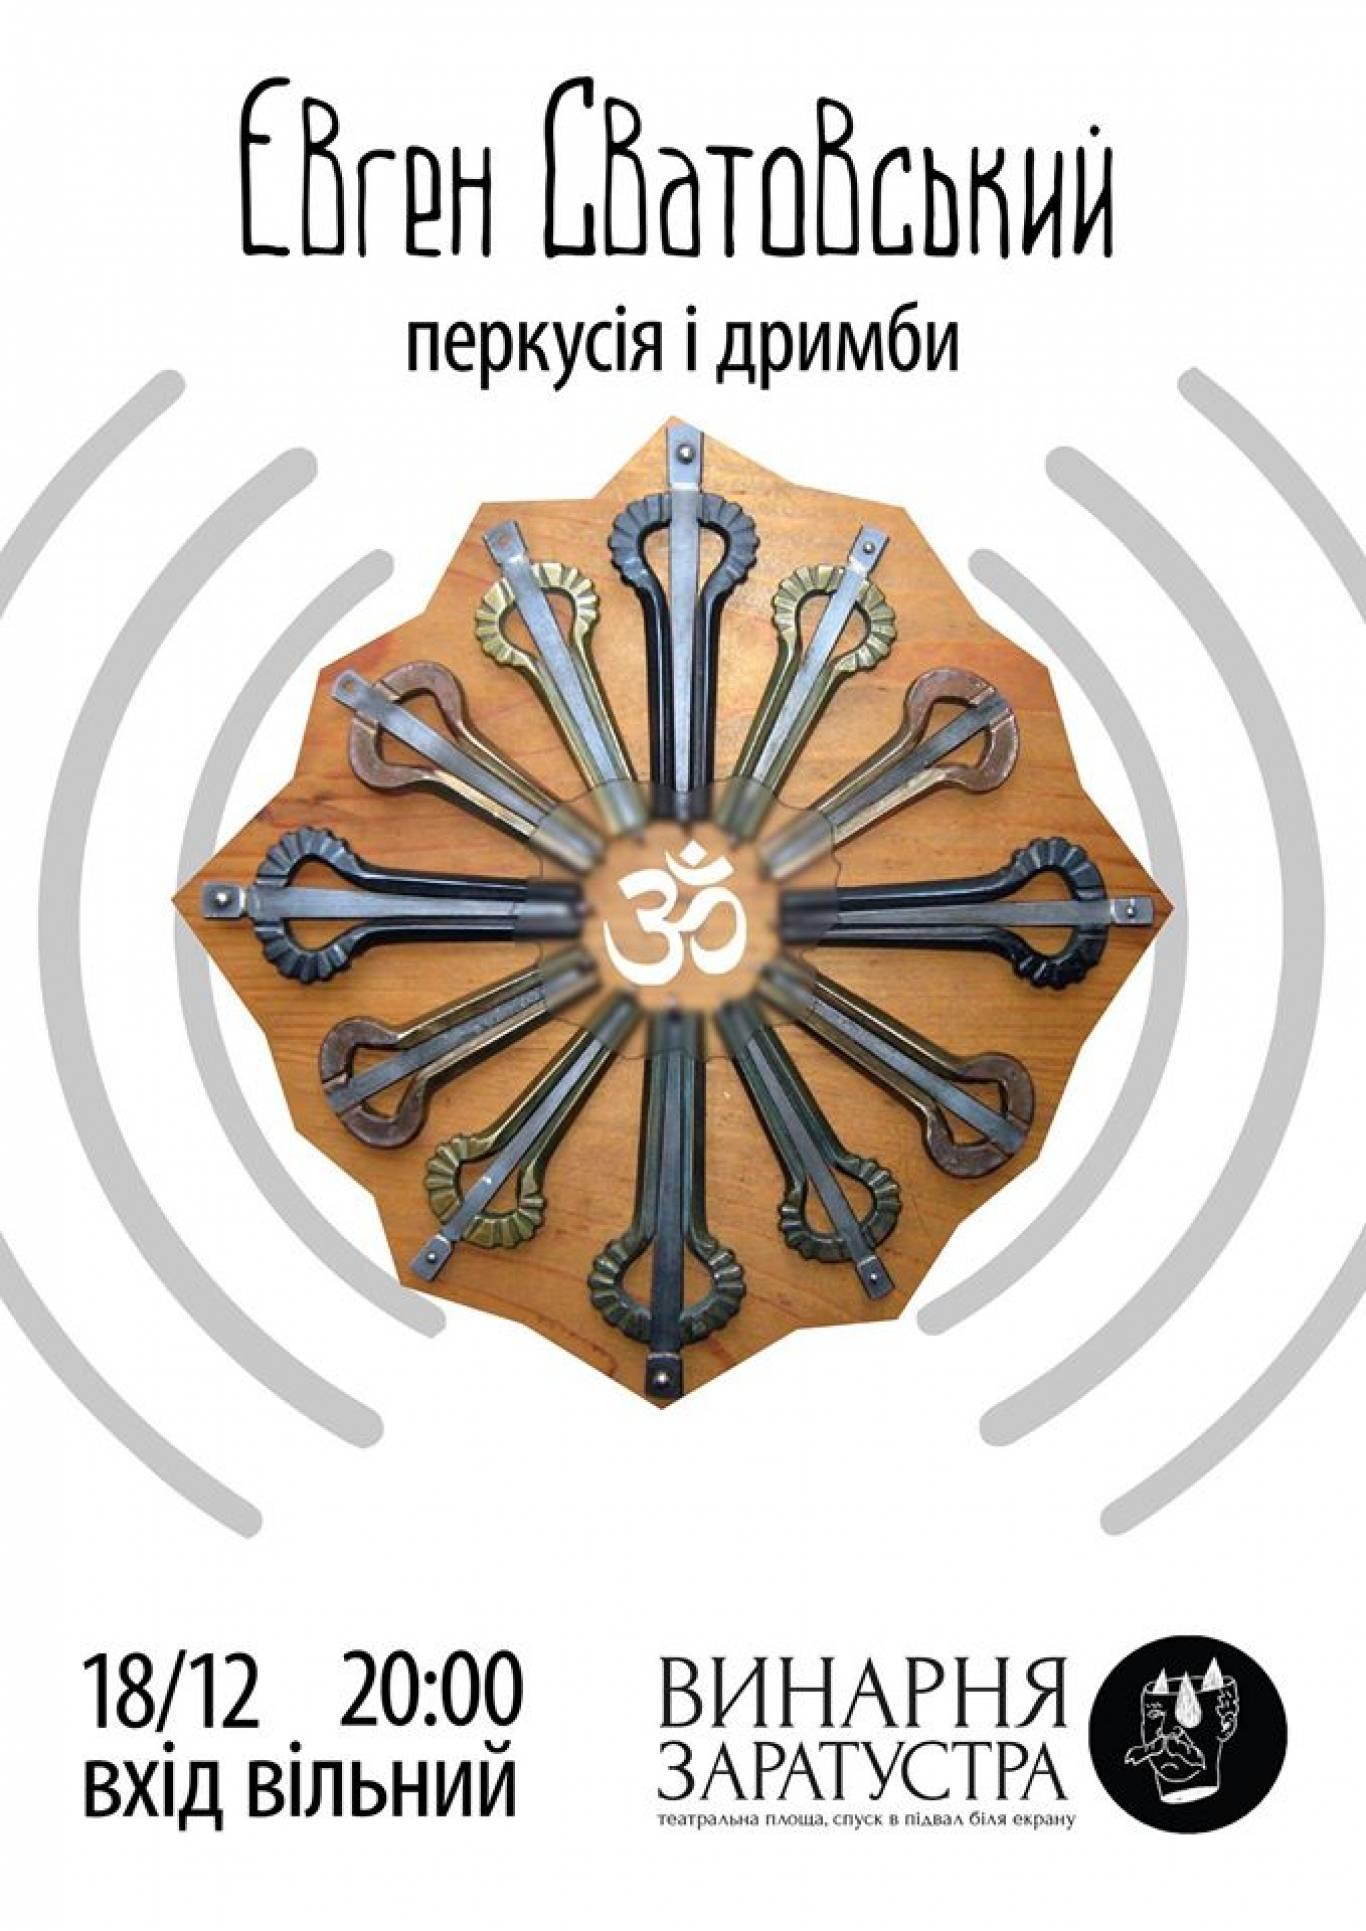 Концерт Євгена Сватовського: перкурсія і дримби